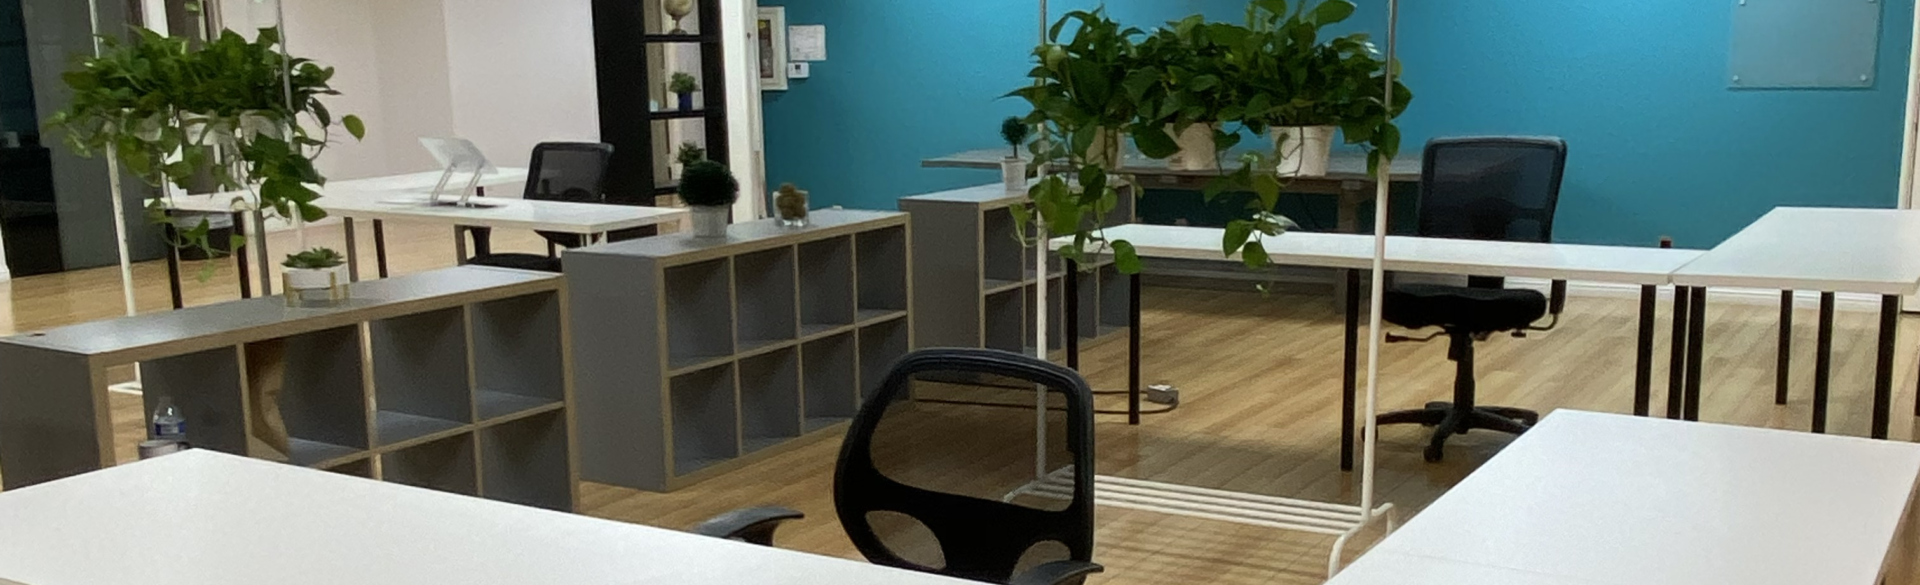 Workspace 2020